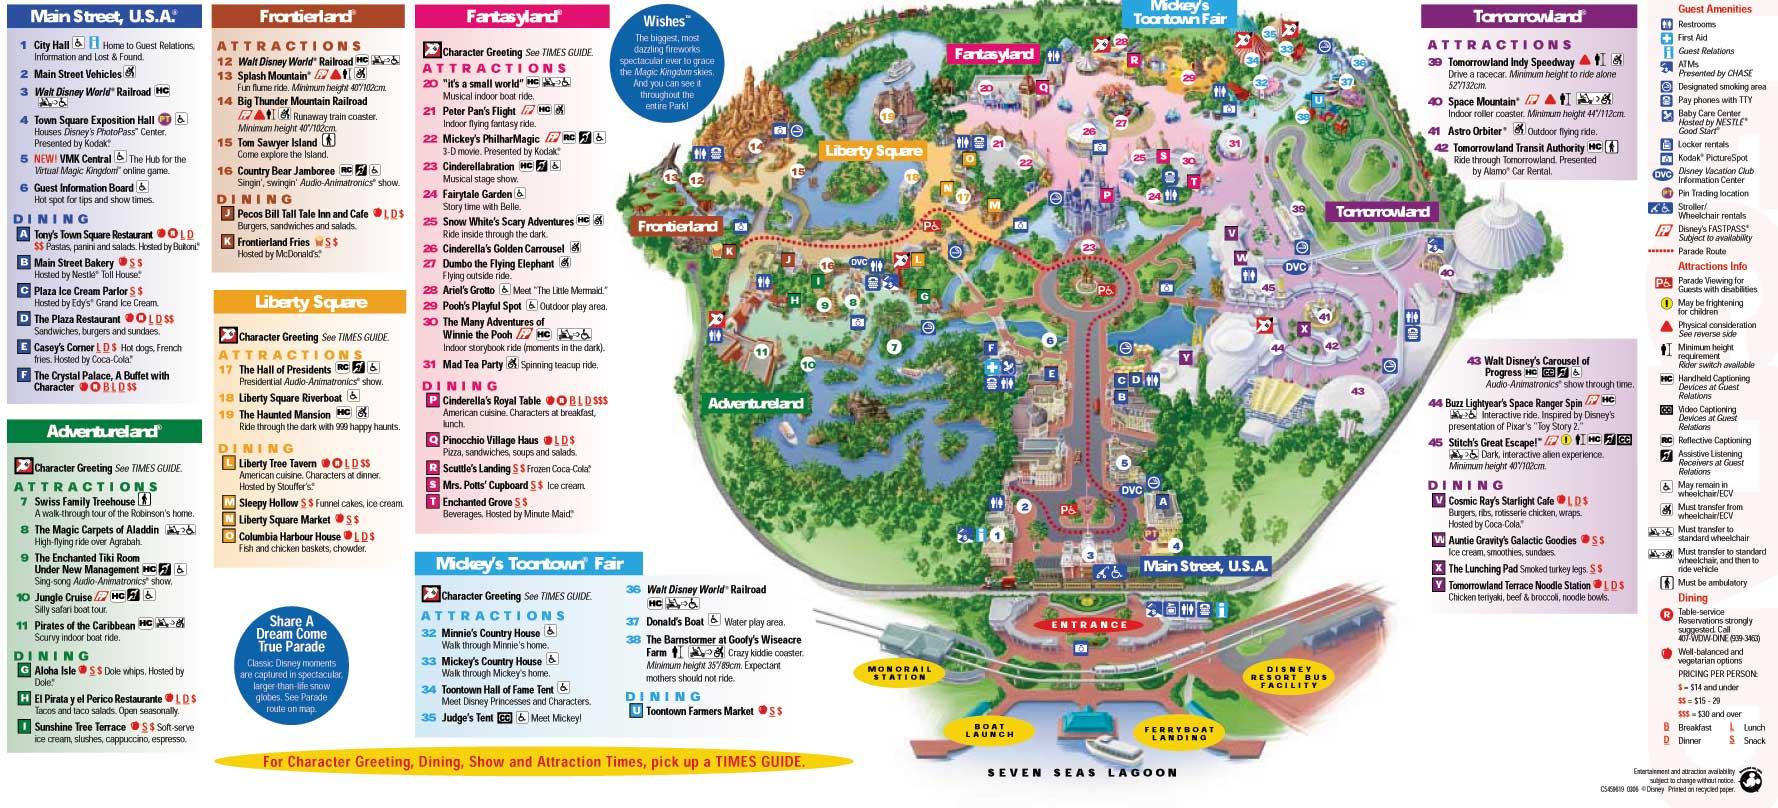 ... at Walt Disney World - TouringPlans.com Blog   TouringPlans.com Blog